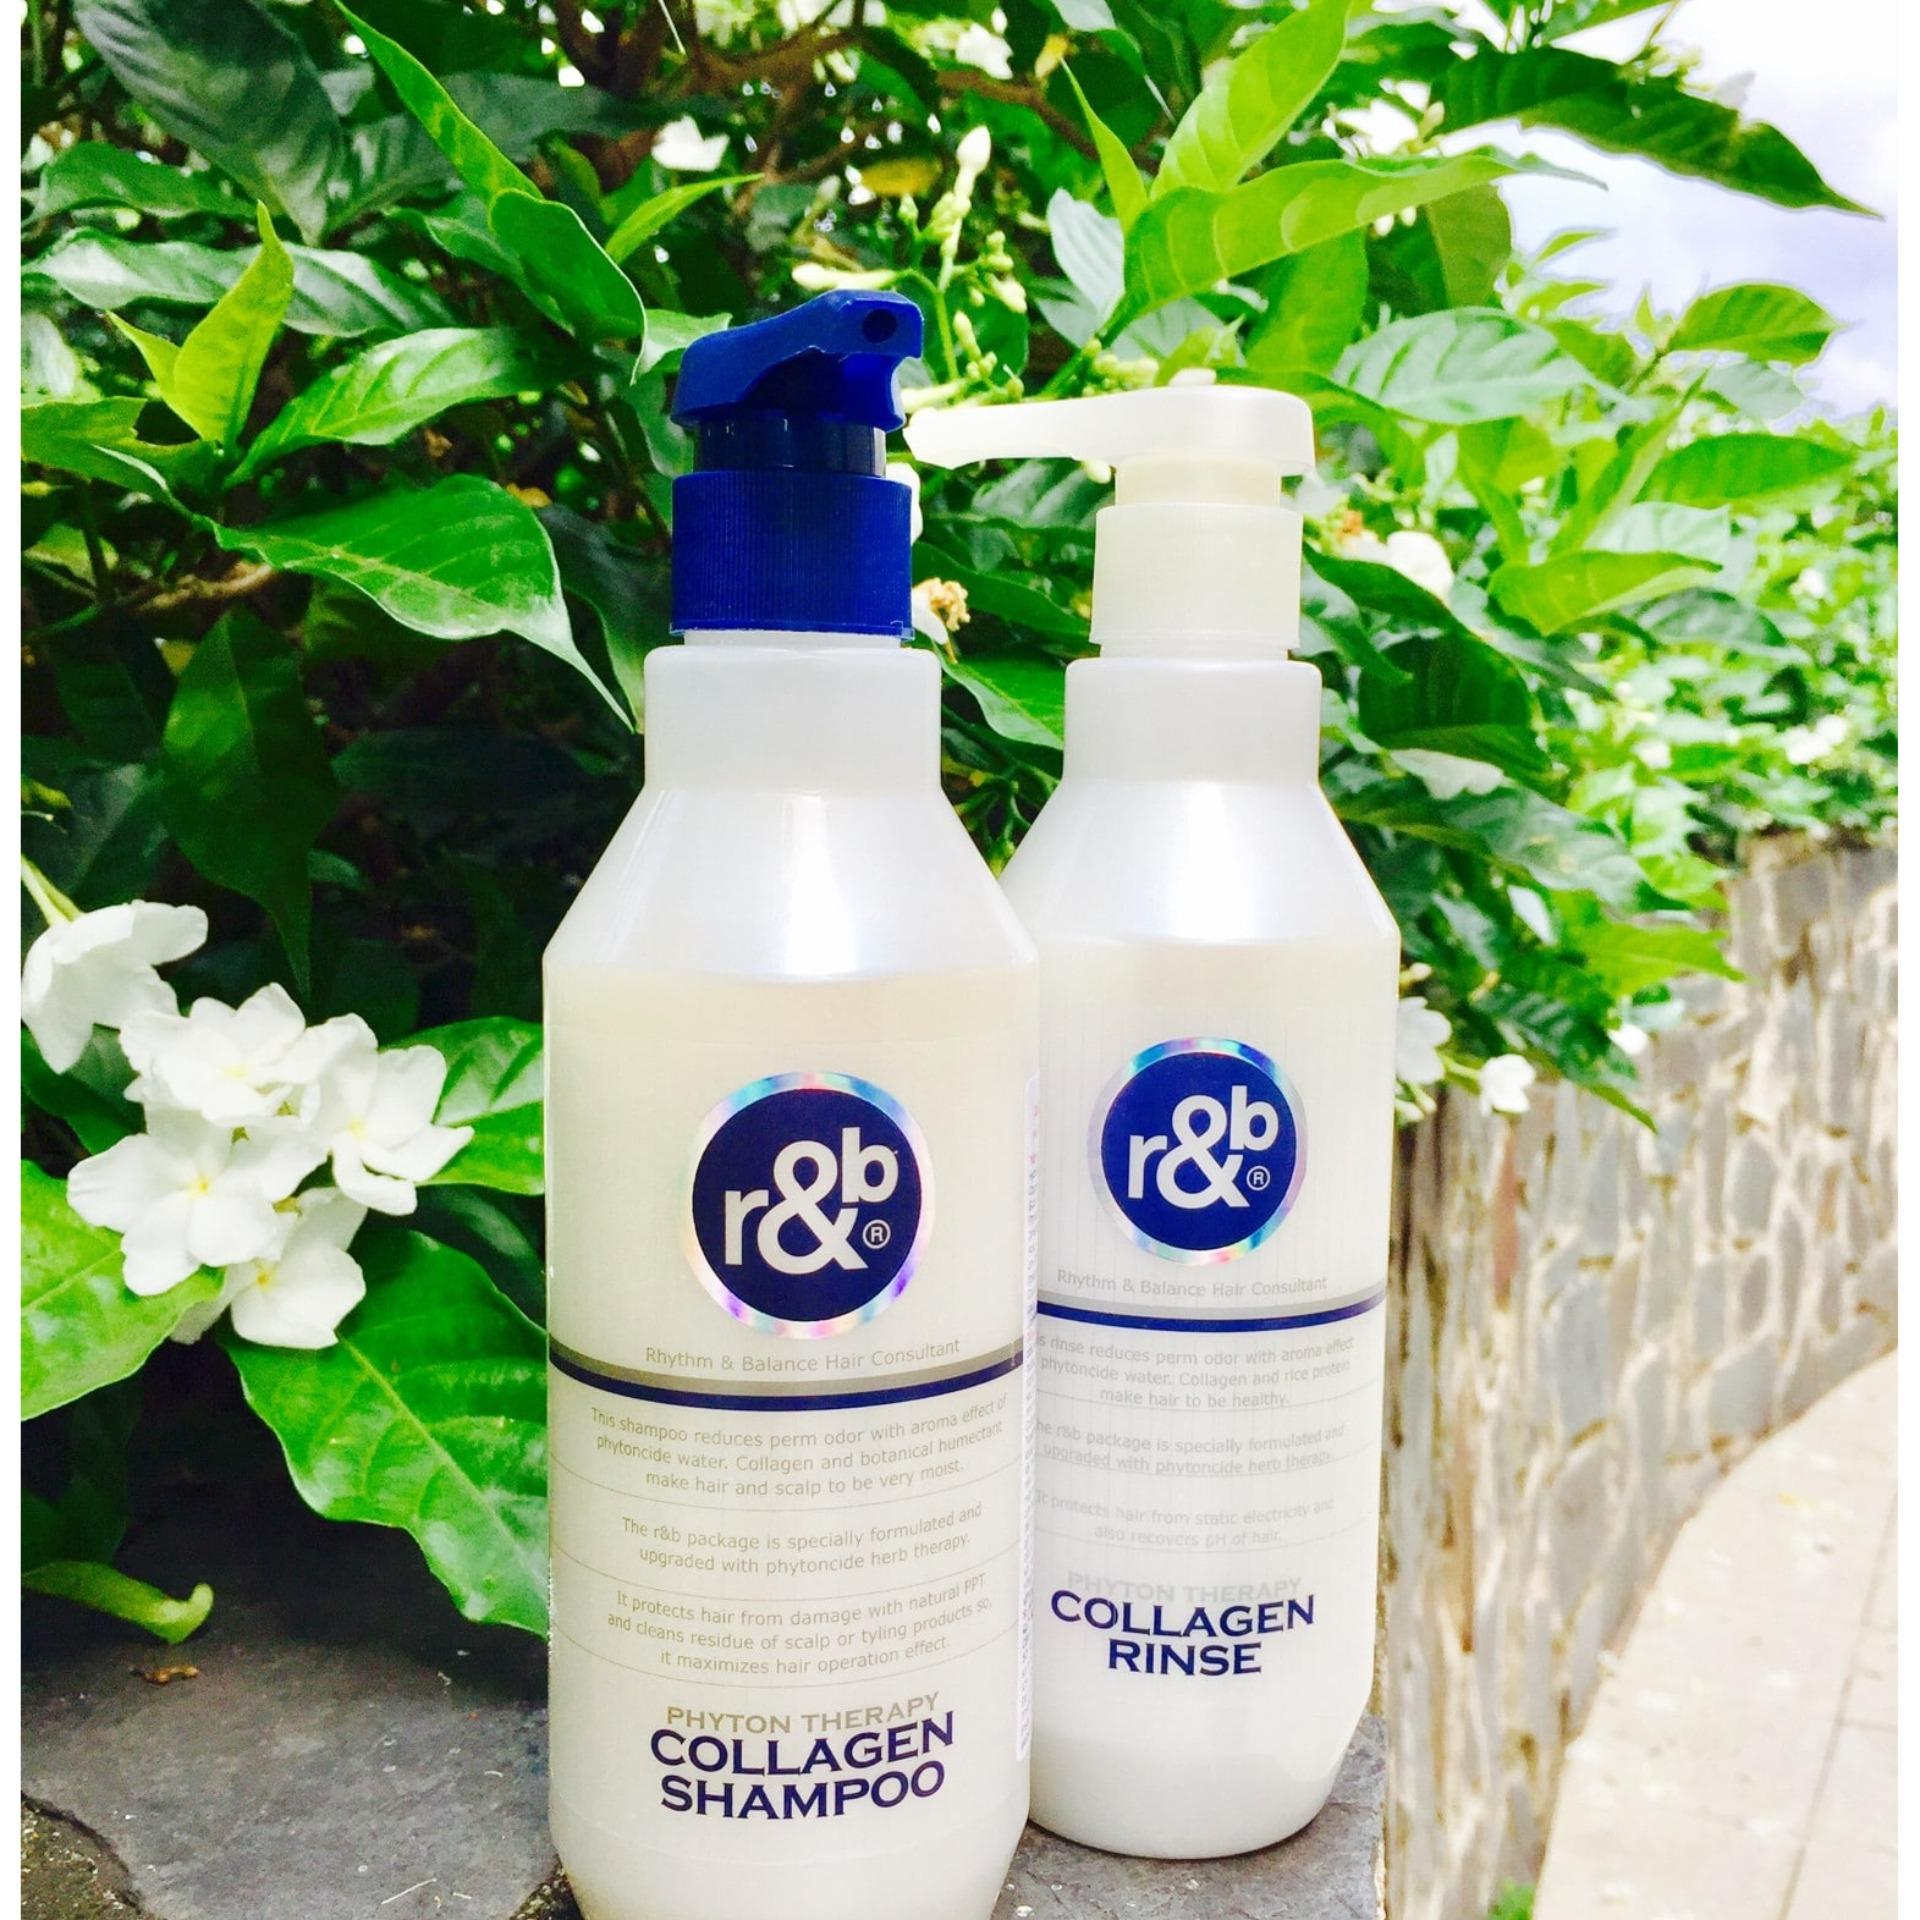 Dầu gội Collagen cho tóc bóng mềm giảm mùi hôi ngăn tóc bạc sớm R&B Collagen Shampoo, Hàn Quốc 1500ml